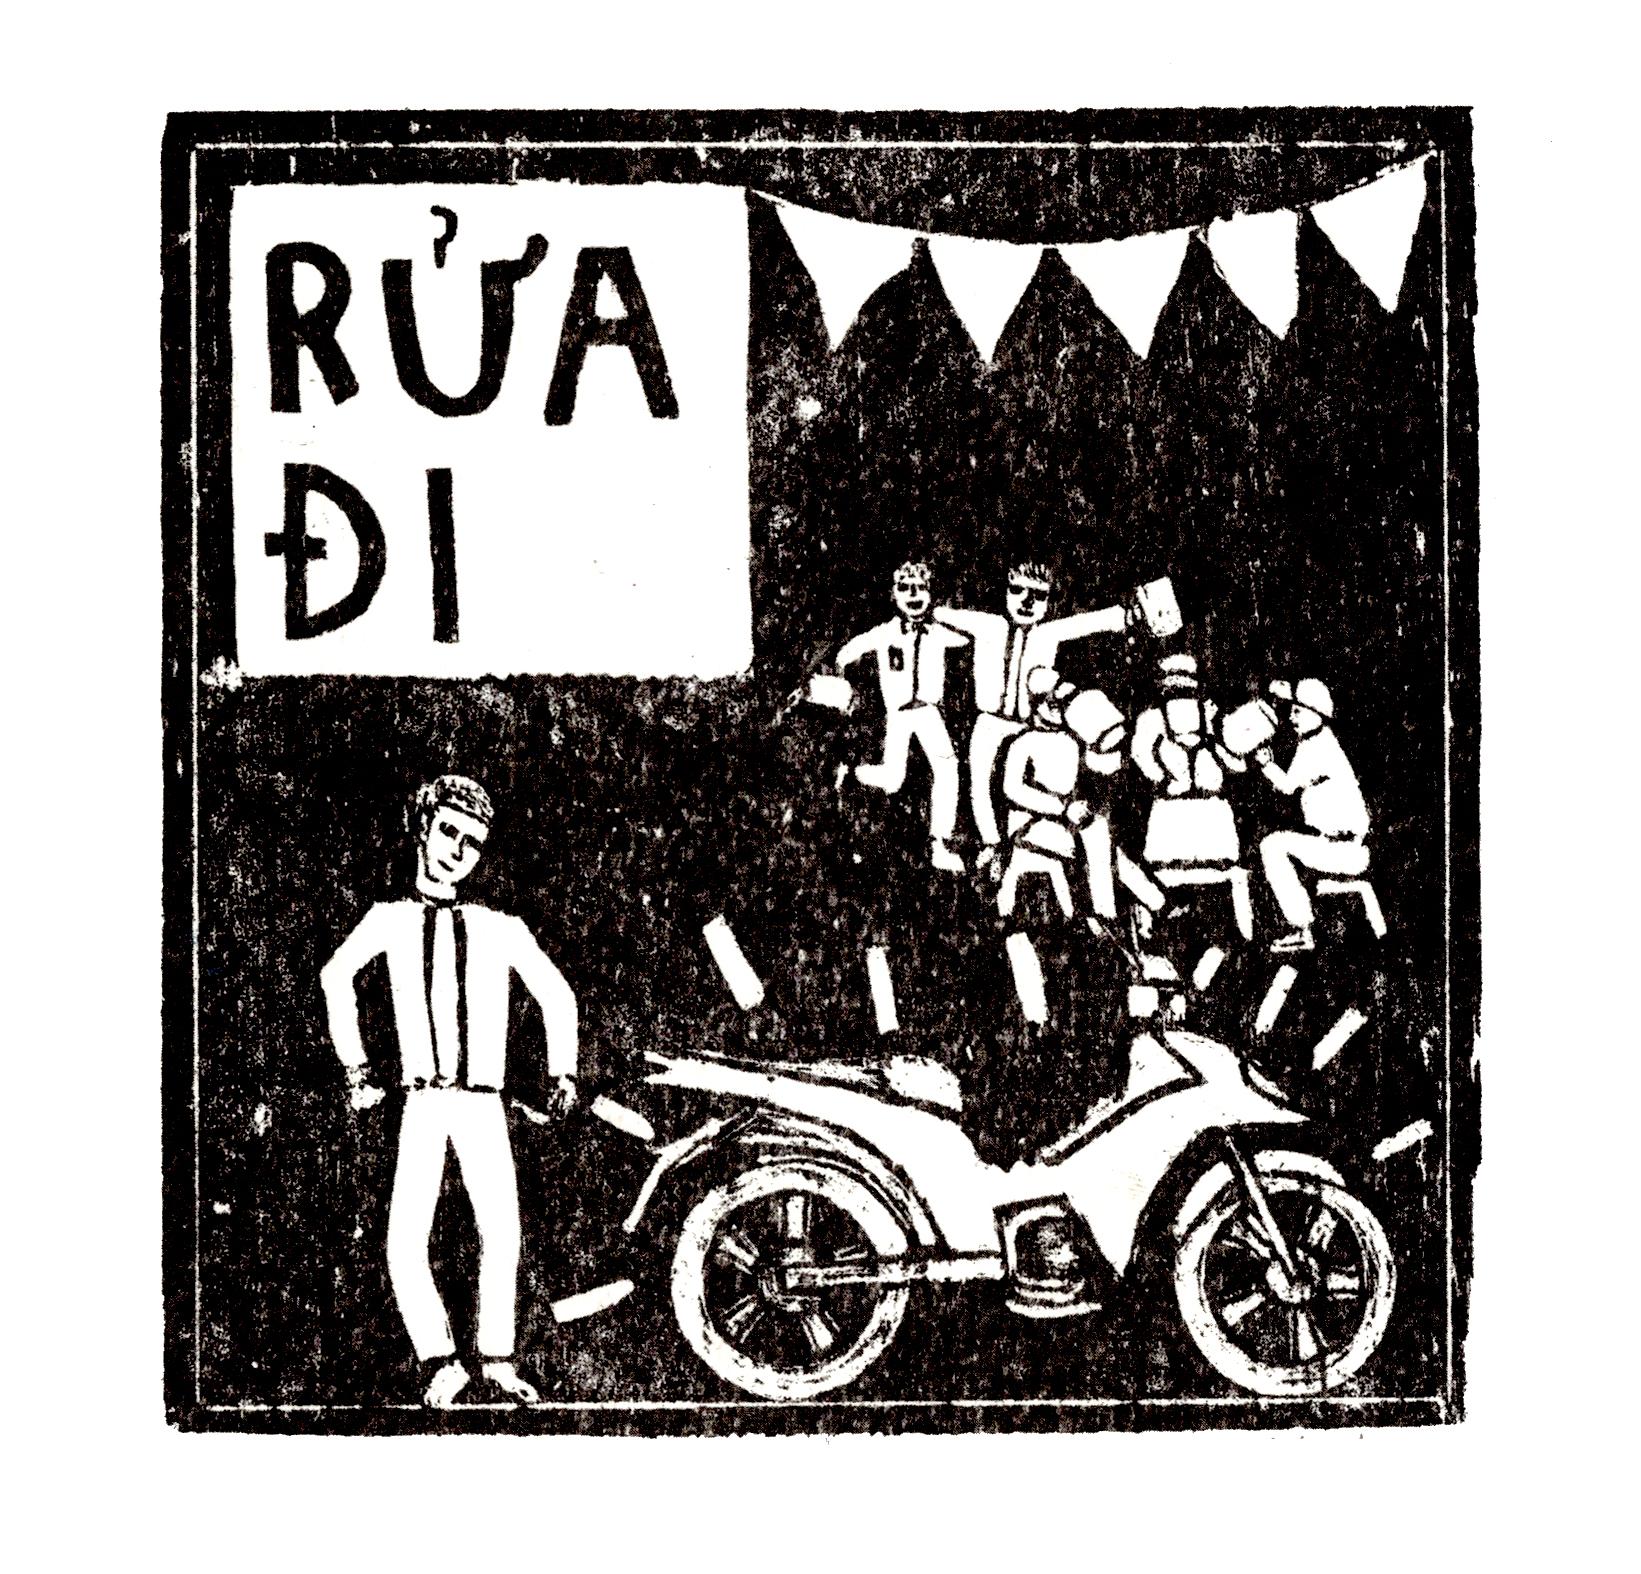 RUA DI A4 150k risograph